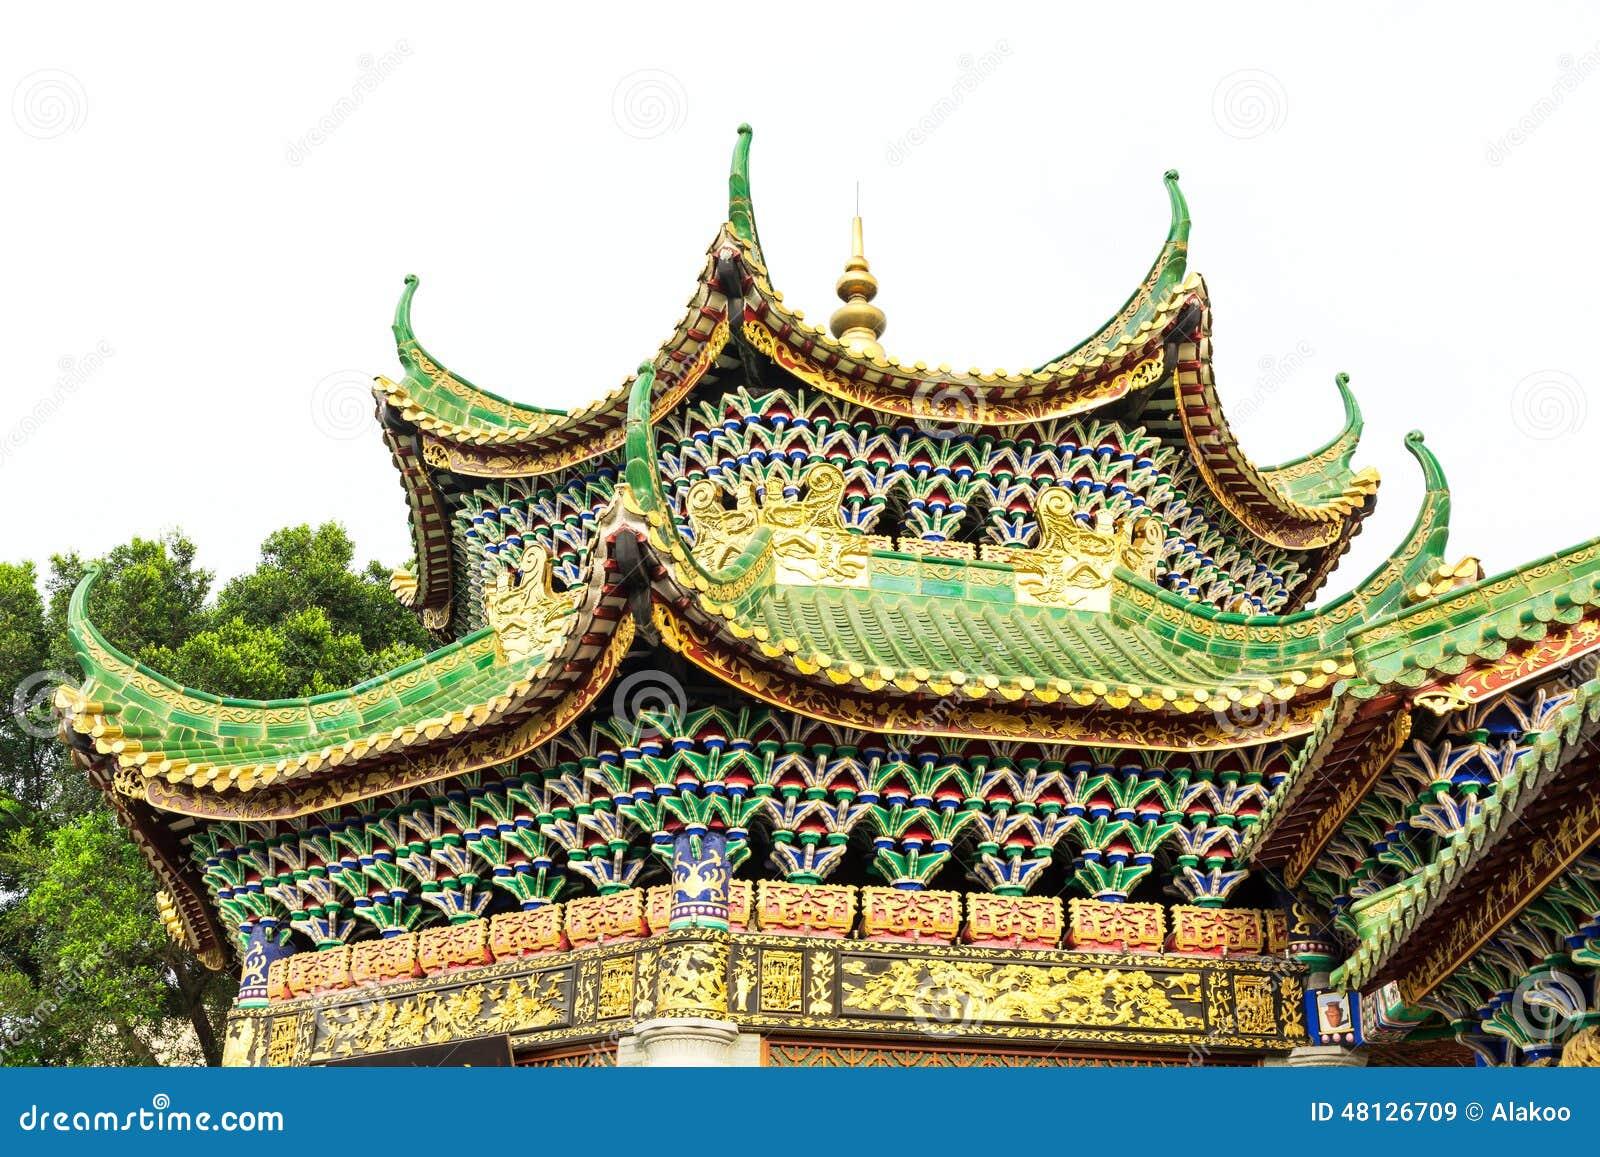 Tetto della casa antica tetto classico verso est asiatico for Planimetrie della casa antica